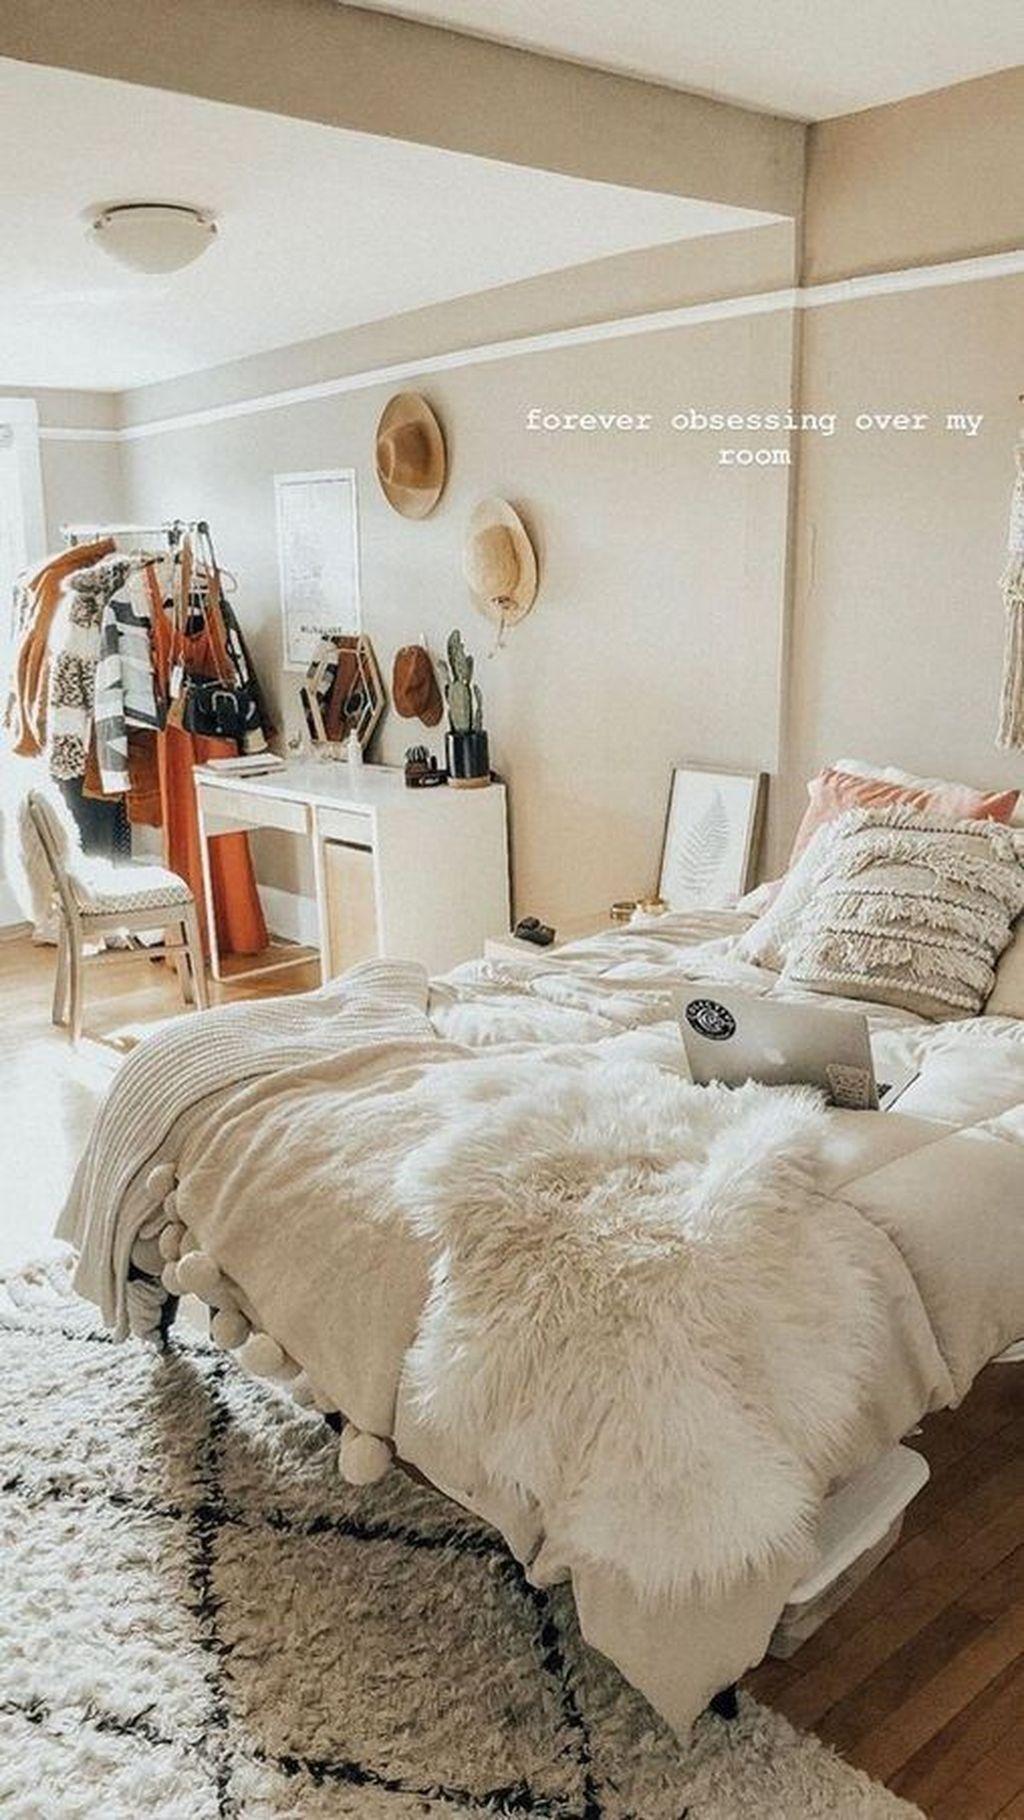 Lastminute Halloween Costume Makeup Ideas Makeupideas In 2020 Minimalist Bedroom Design Room Inspo Room